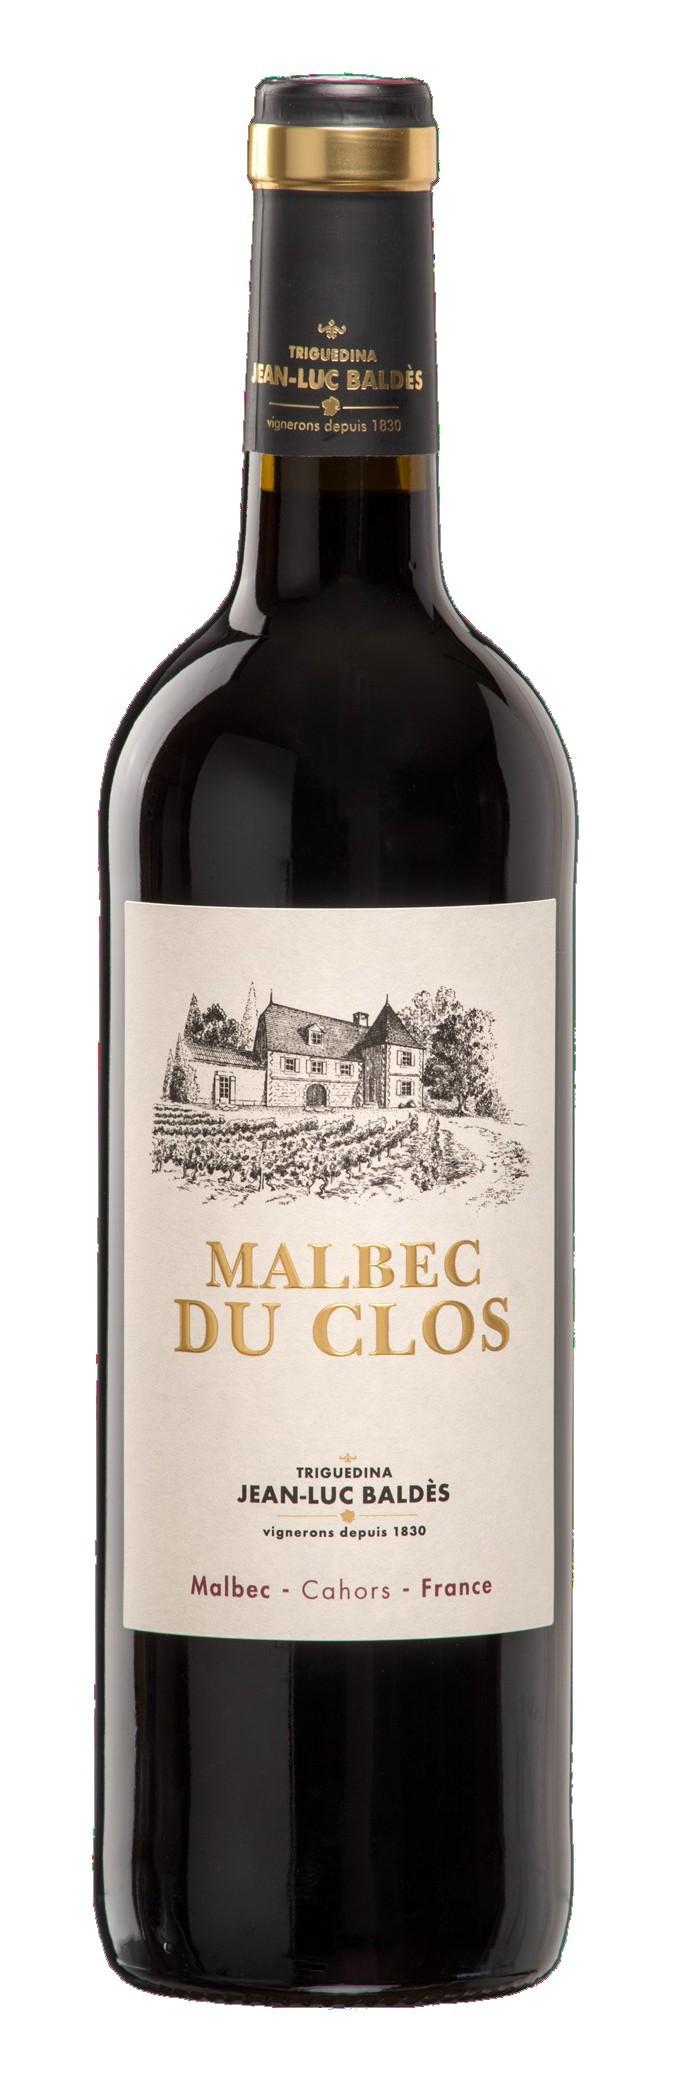 Malbec du Clos - Cahors Clos Triguedina